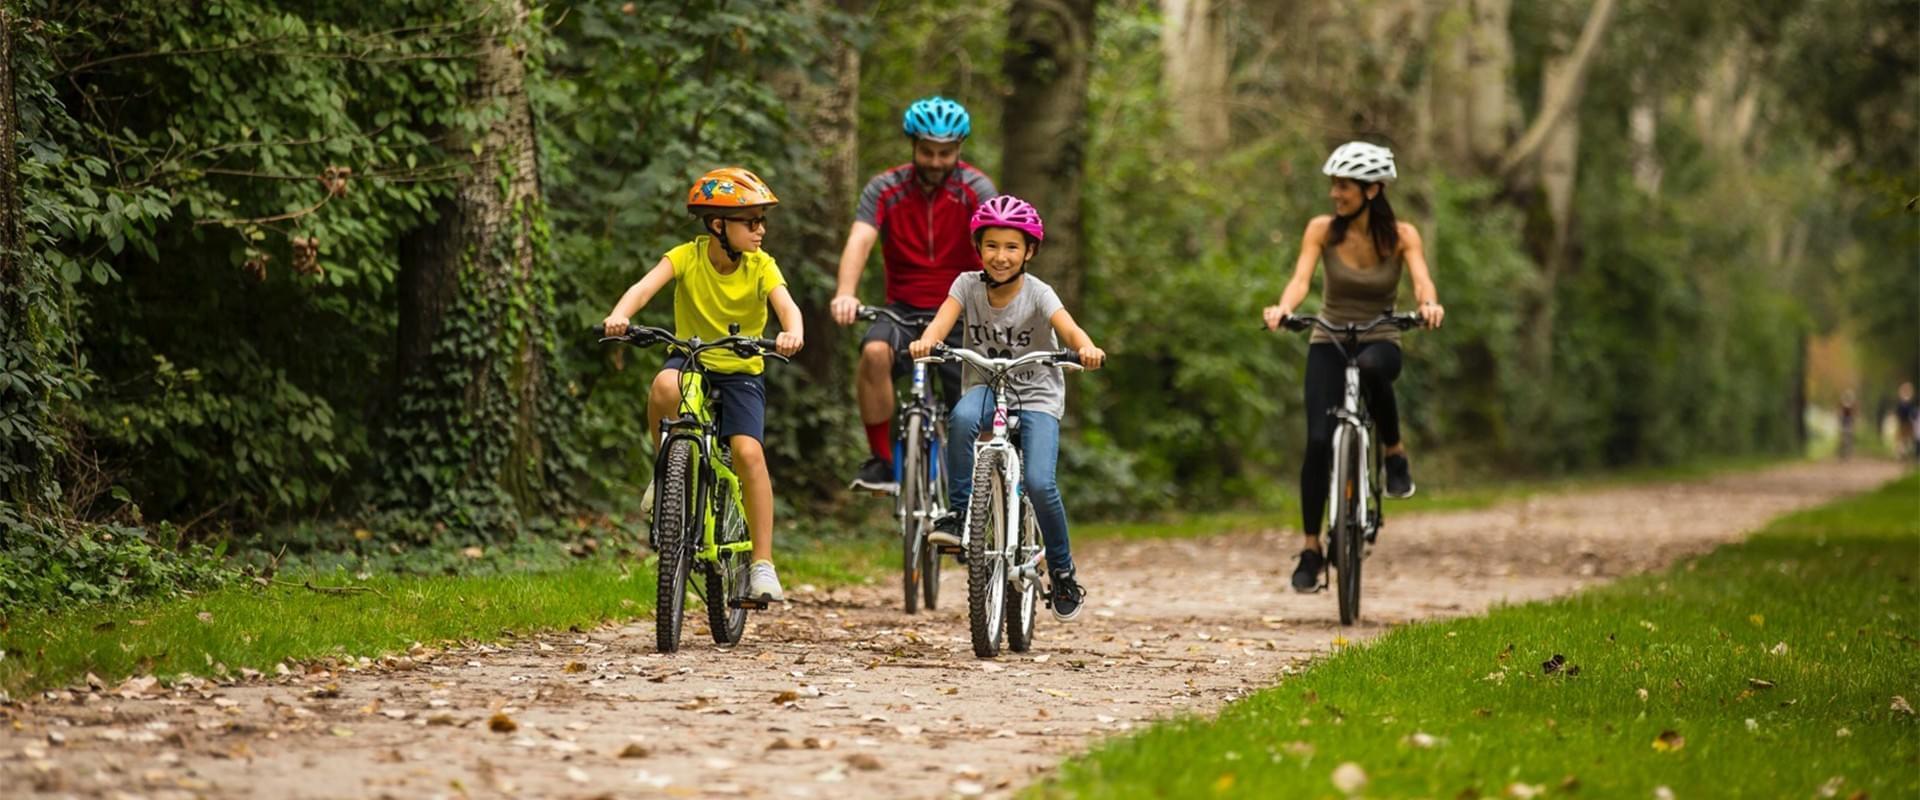 Scopri le offerte di biciclette Atala